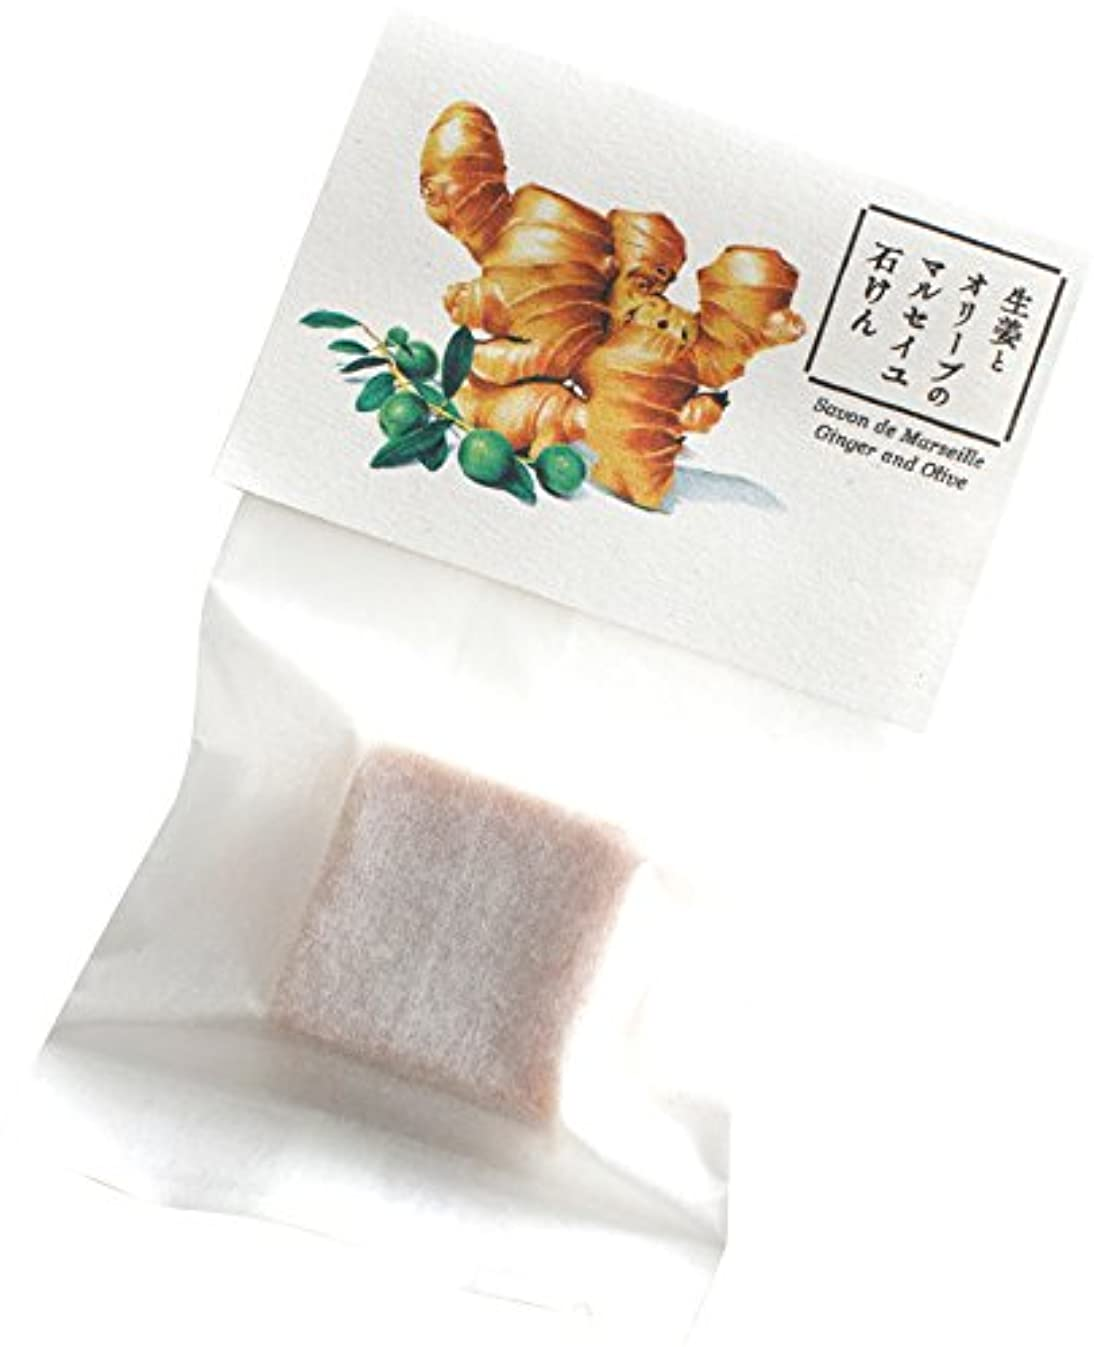 オプショナル勉強するレディウェルコ 洗顔料 生姜とオリーブのマルセイユ石けん お試し用 10g